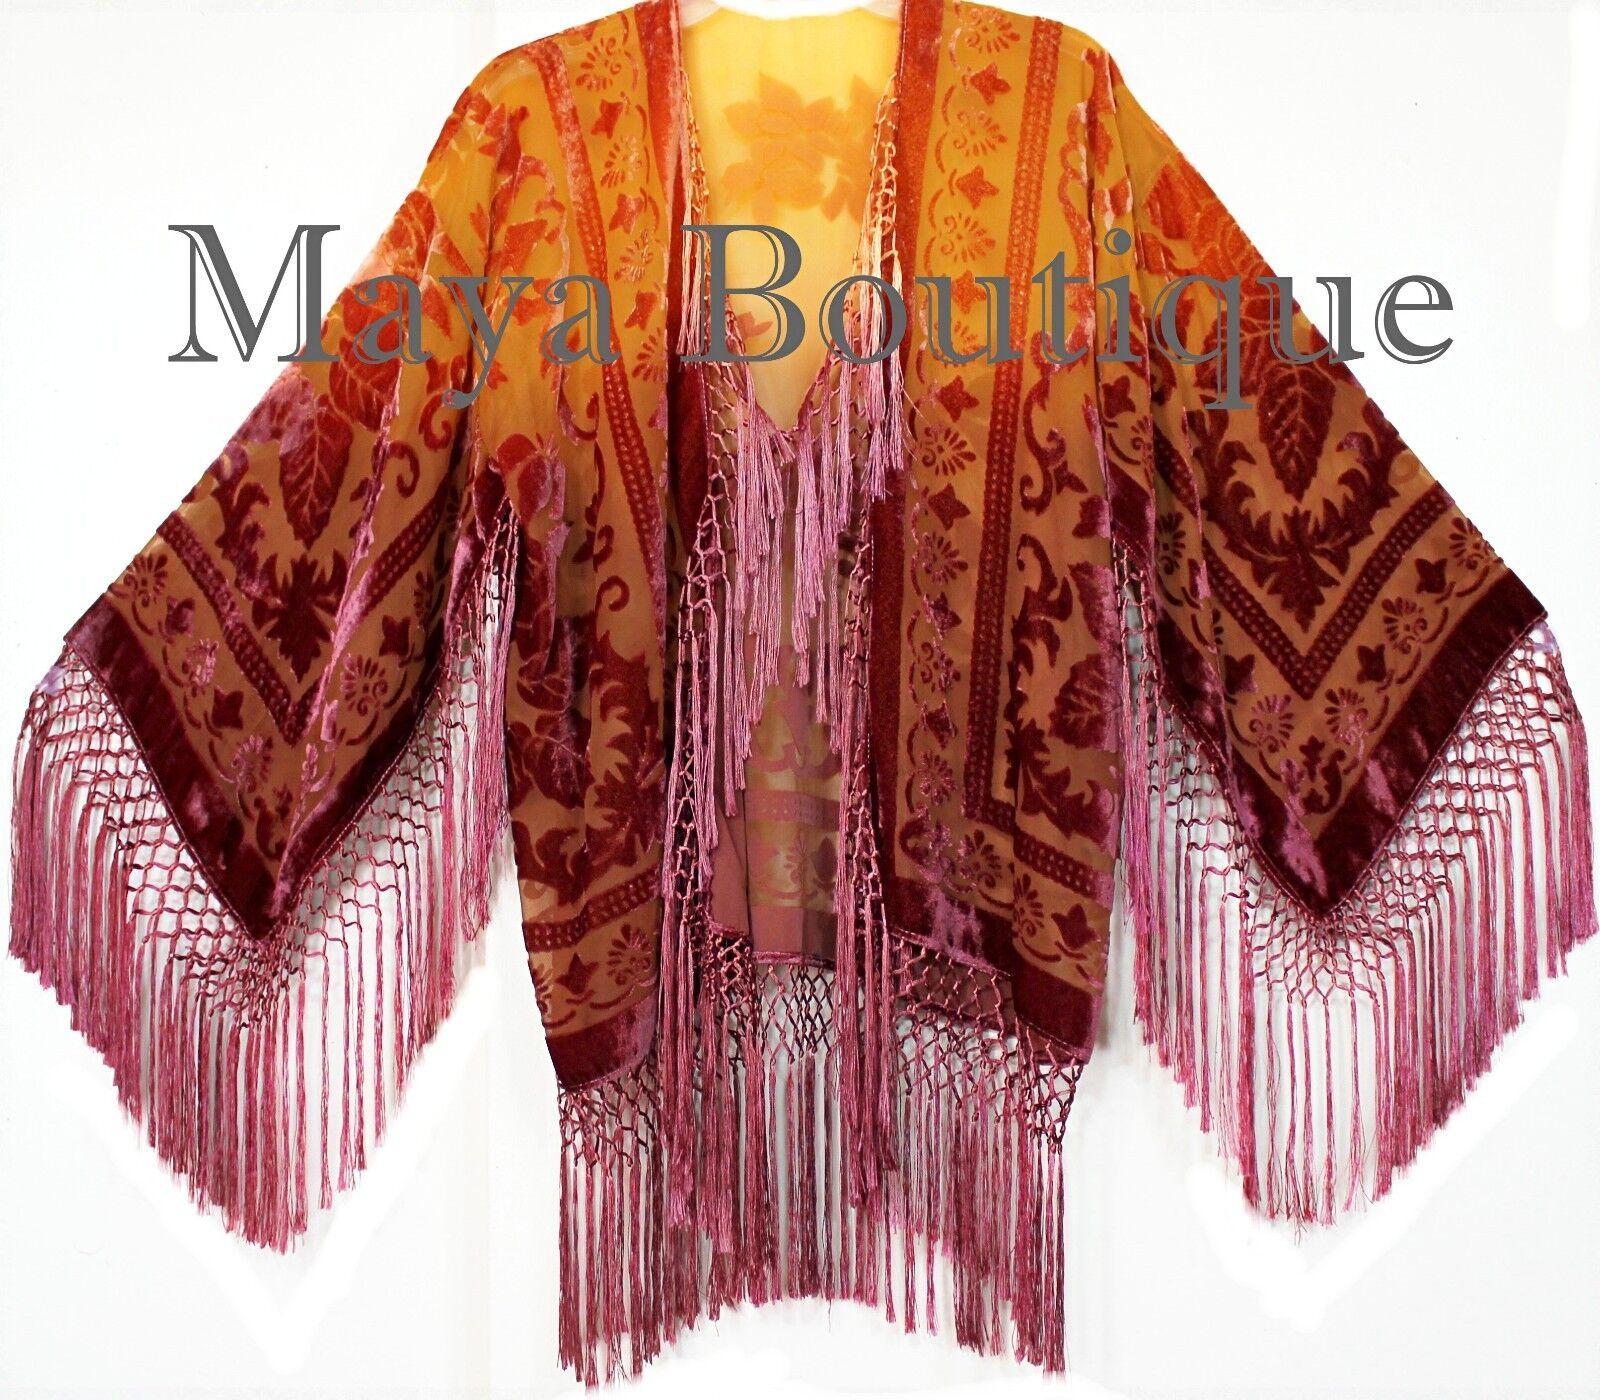 Arte vestible Terciopelo Kimono chaqueta Mano teñida Mandarina & Coco  corto de Maya Matazaro  el precio más bajo